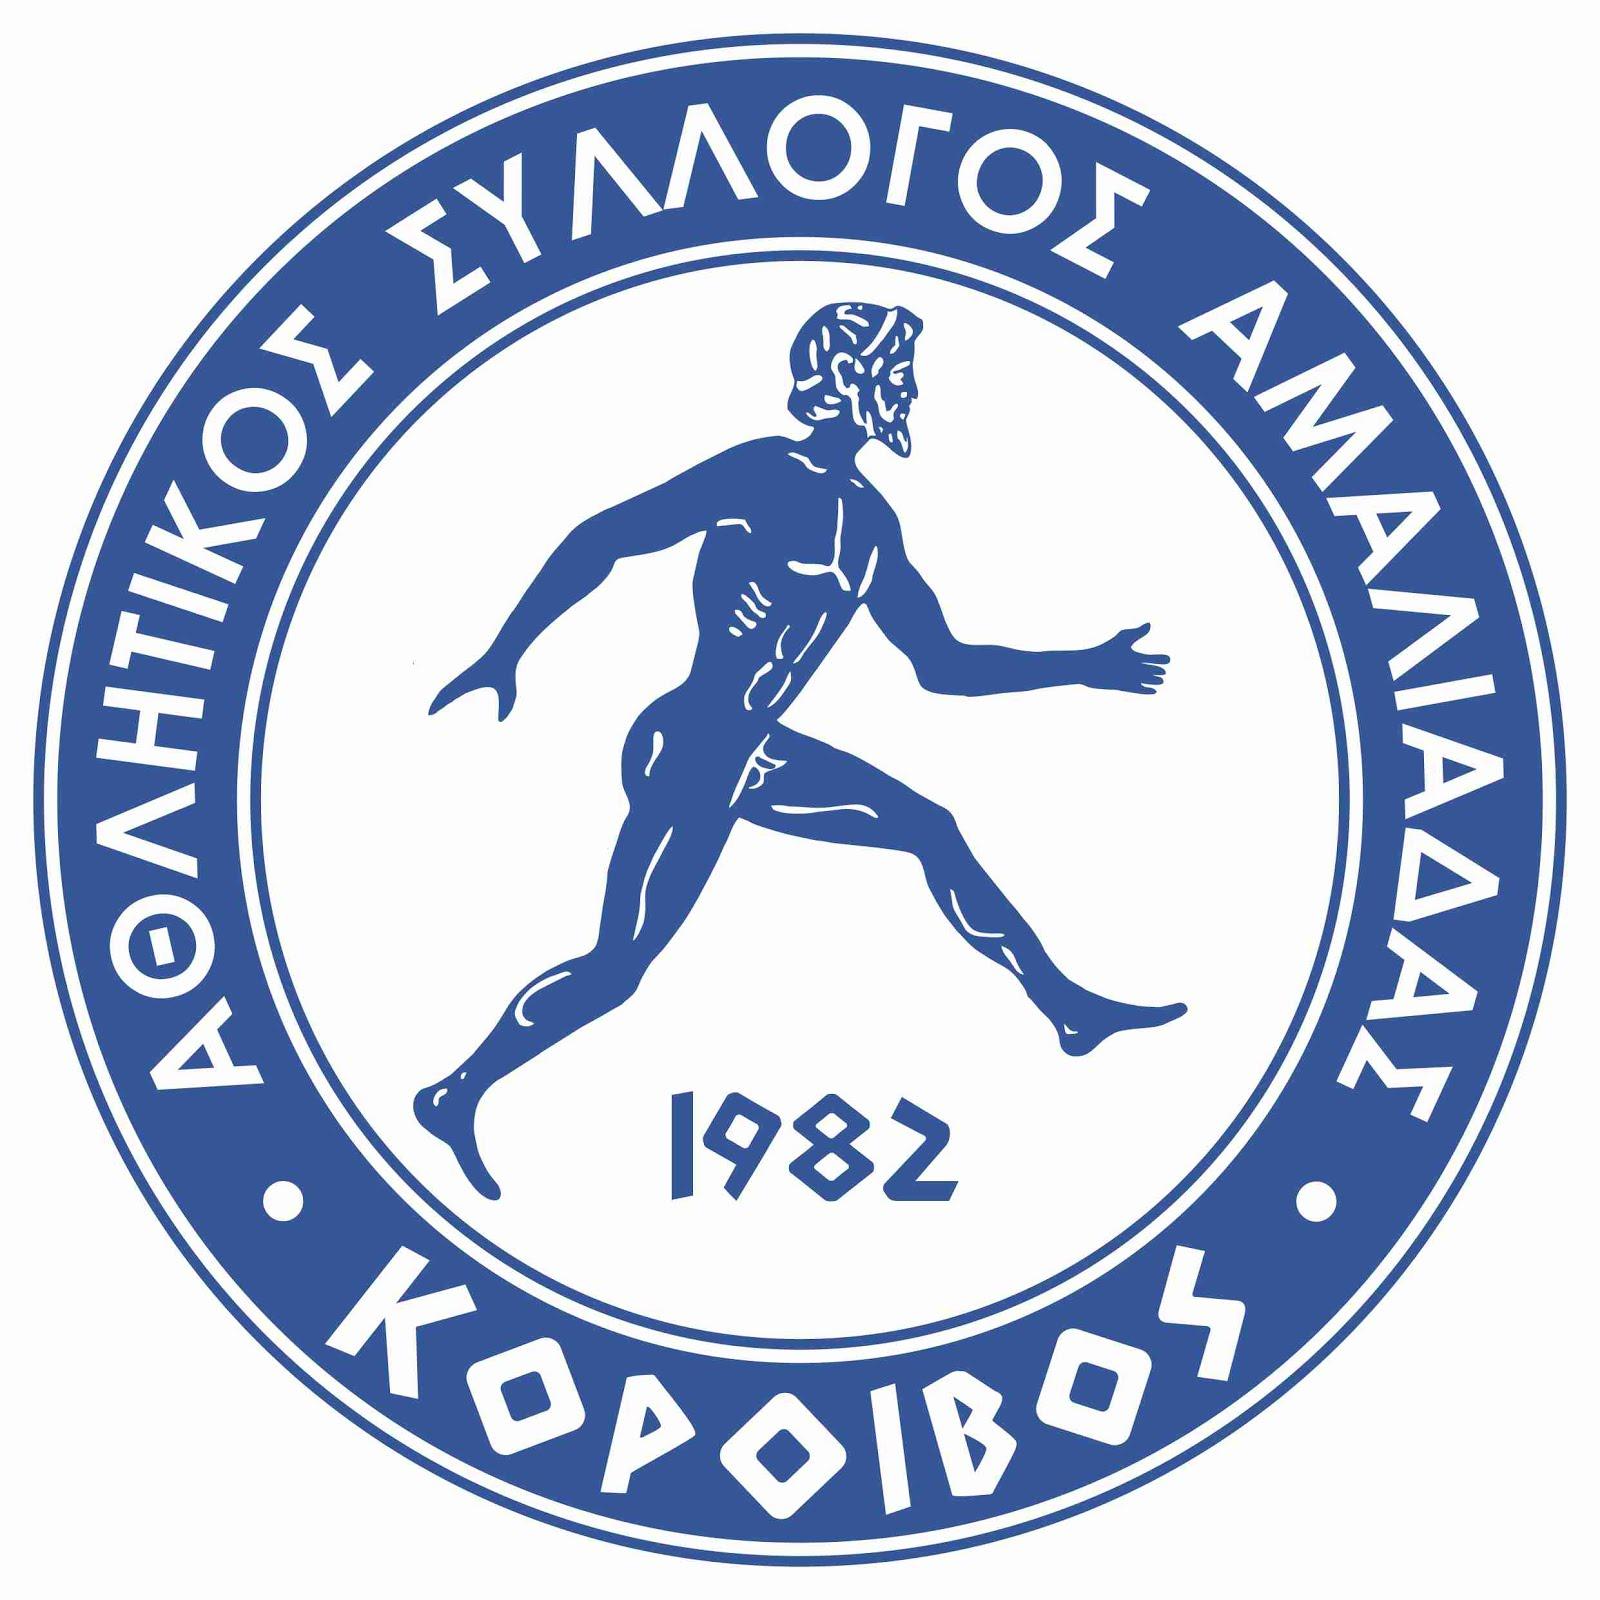 Α.Σ.Α. Κόροιβος | Τμήμα Πετοσφαίρισης